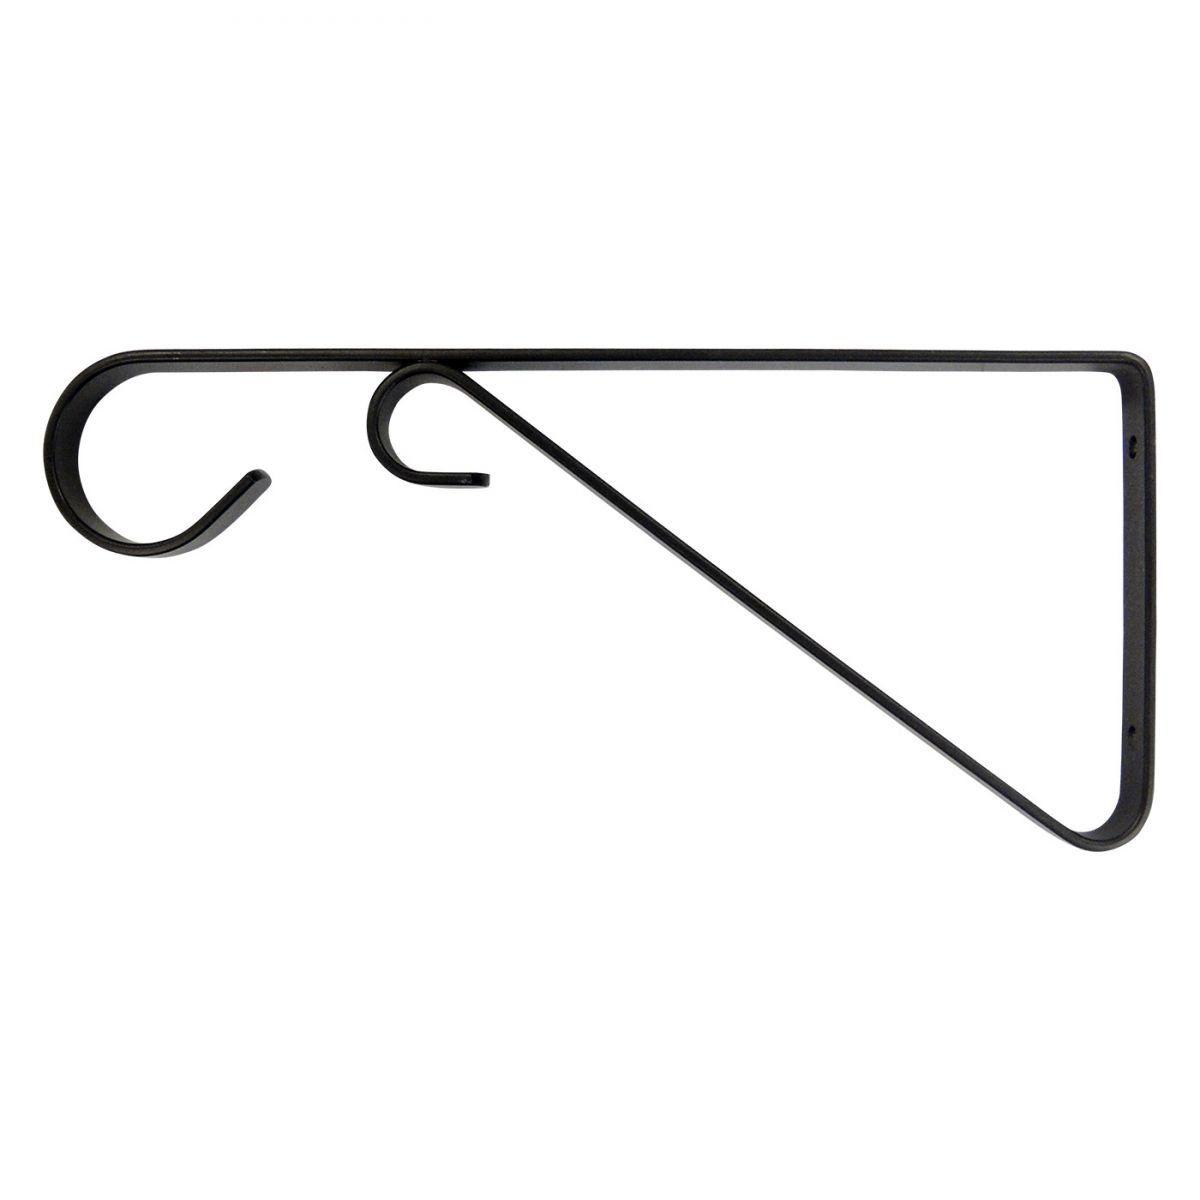 Suporte para vasos 22 cm - Preto